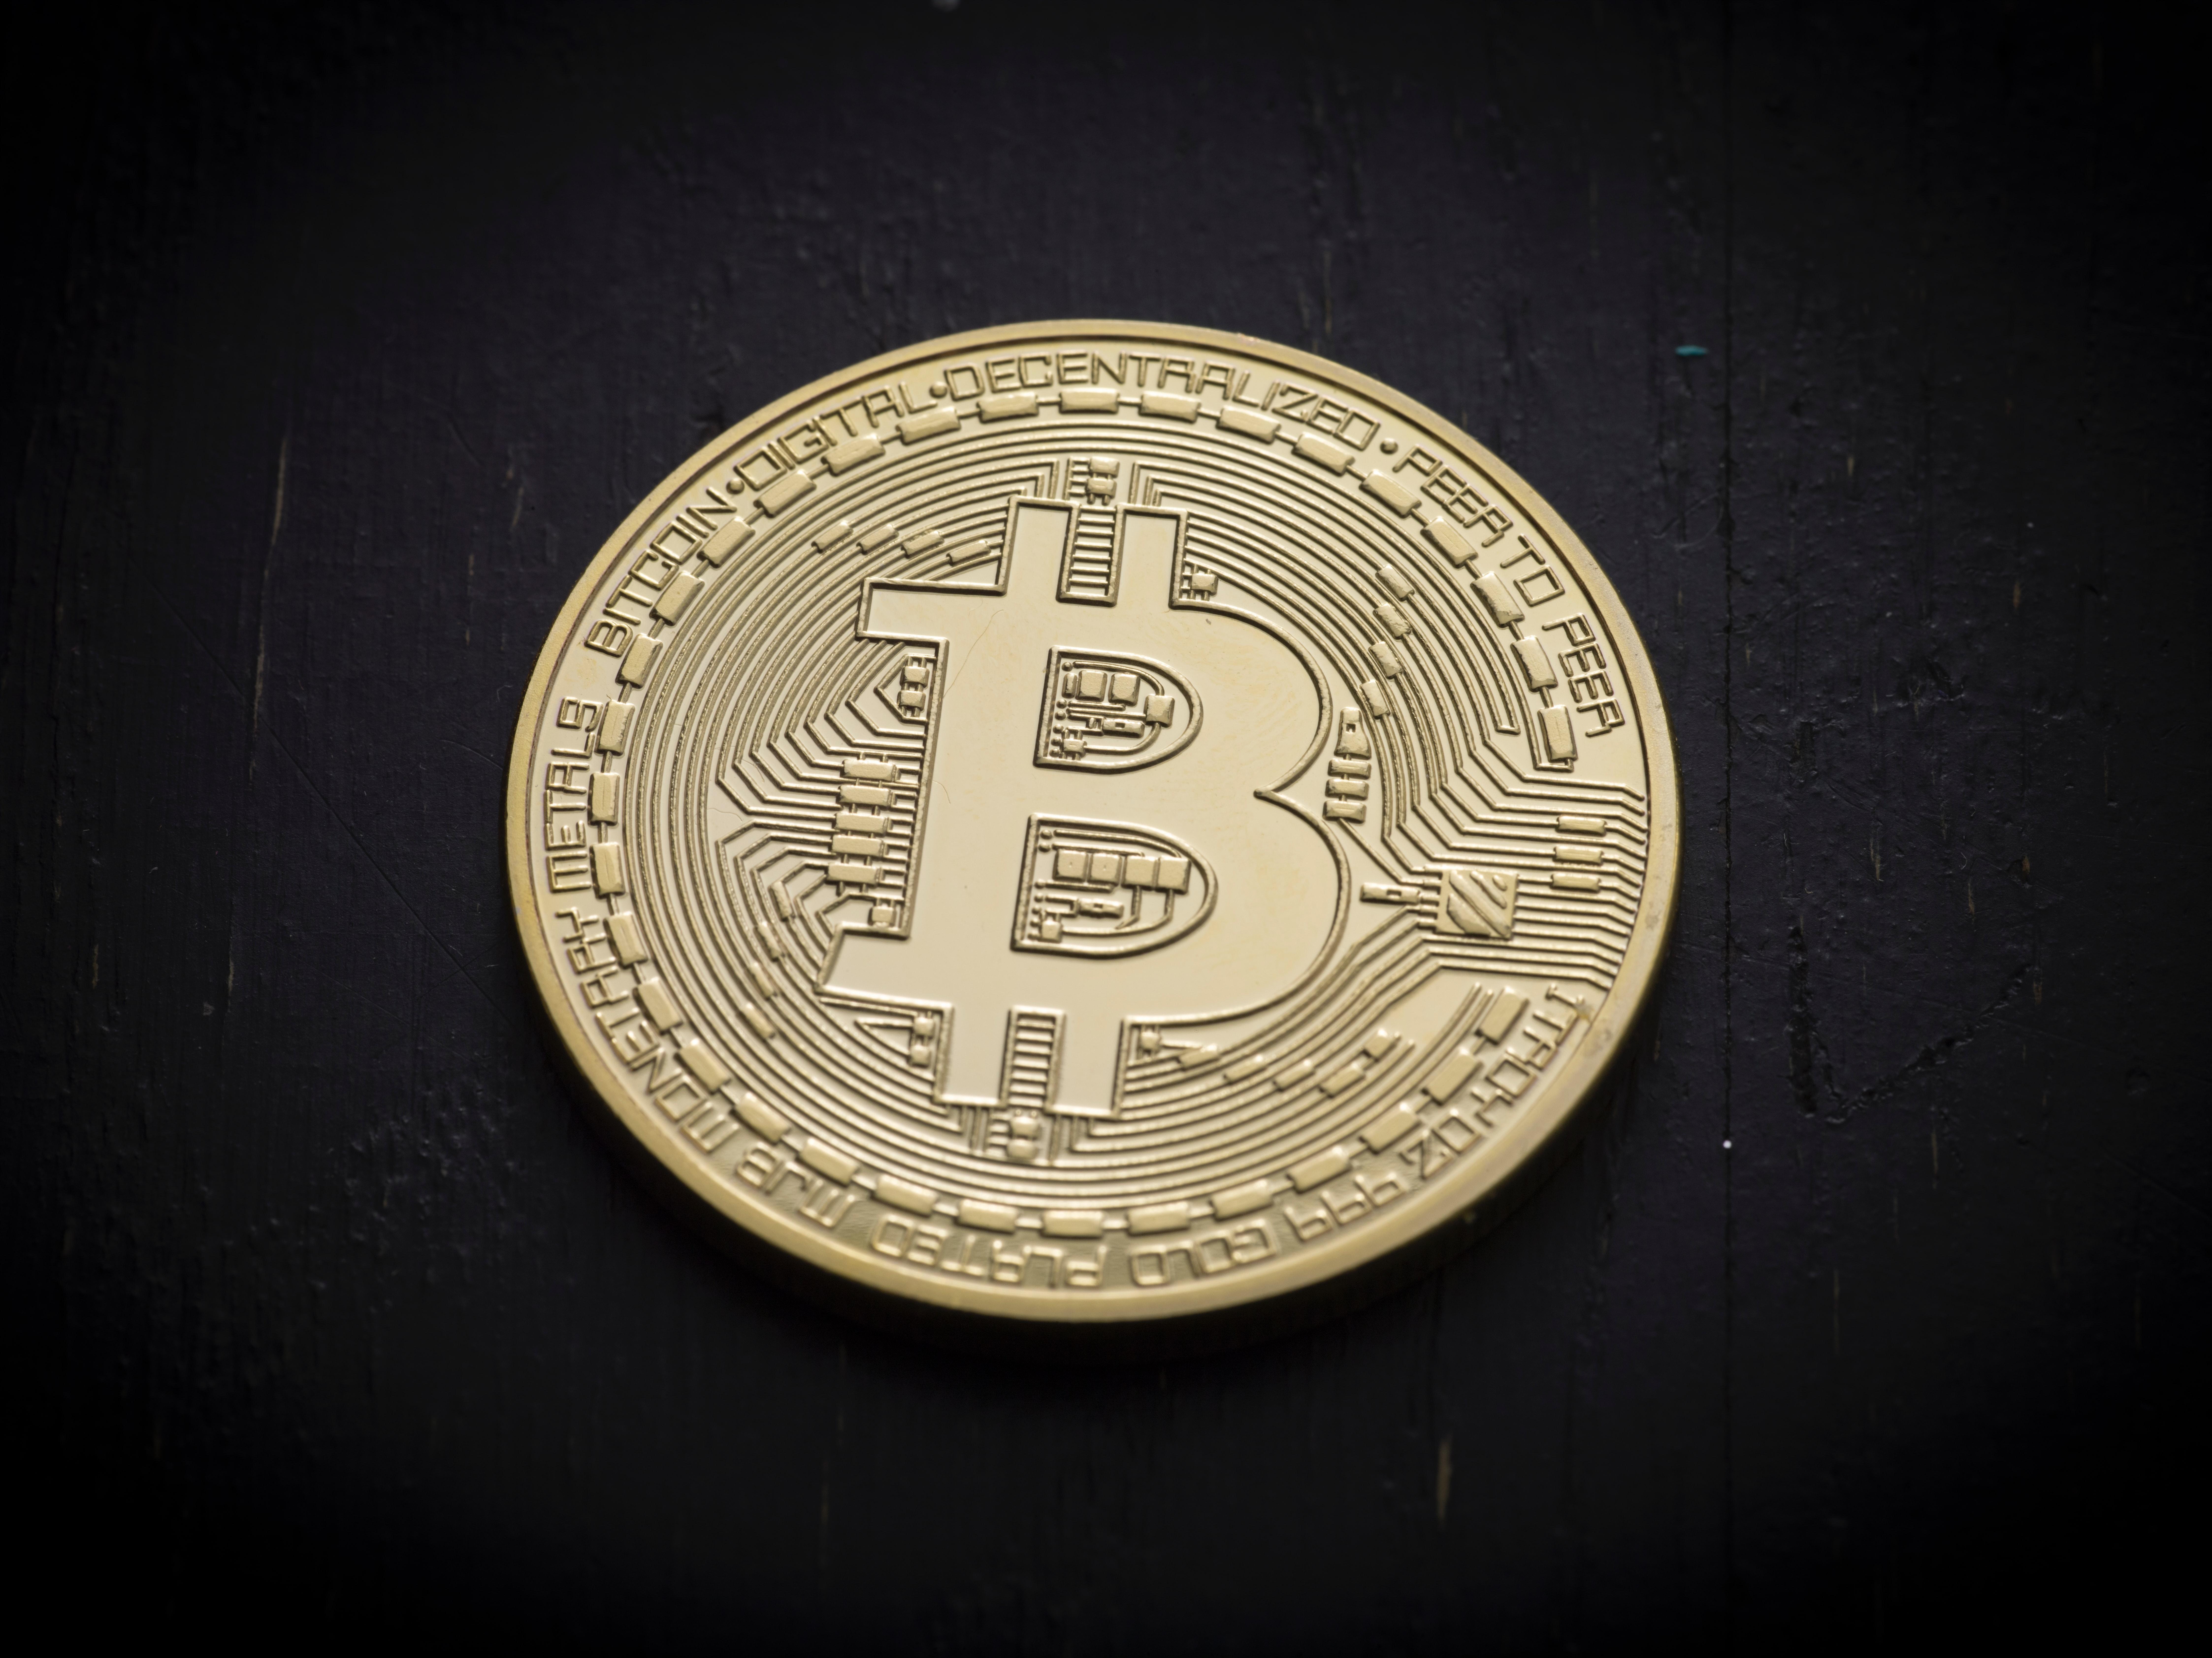 El Salvador Set to Accept Bitcoin as Legal Tender